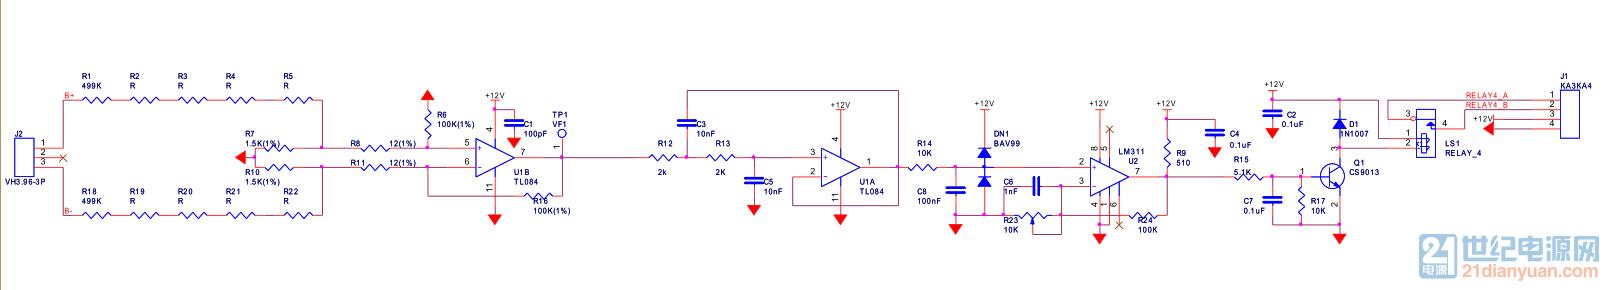 小弟最近在测一个电路,功能是当检测到J2口的电压超过一定值时闭合继电器,但是在测试的时候遇到了各种问题,突出的有: 1、运放一供电7脚就有11.42V的电压,把R12去掉还是有,把R7、R10或者R8、R11去掉7脚输出是2V左右。 2、继电器线圈上一直都有12V的电压,把R14去掉仍然有,测量LM311输出一直有10左右电压,R24到LM311的7脚已经割断了,用跳线接在R9上端。 刚接触这一块,都快调崩溃了。各位大神帮忙分析一下这个电路到底哪里出问题了,万分感谢!